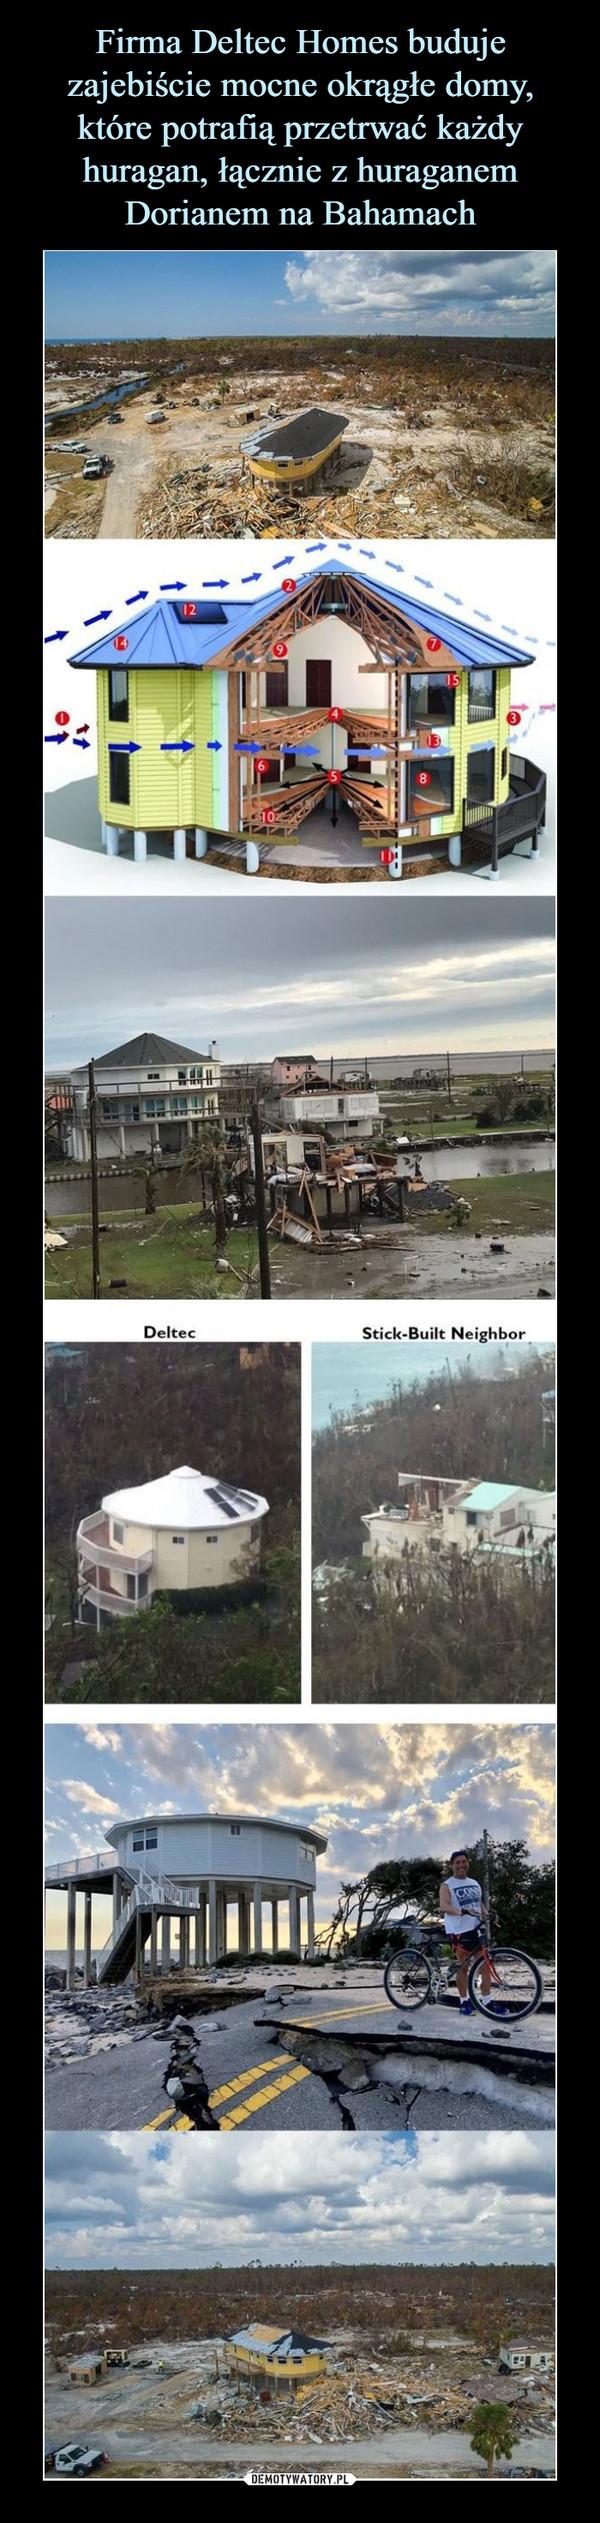 Firma Deltec Homes buduje zajebiście mocne okrągłe domy, które potrafią przetrwać każdy huragan, łącznie z huraganem Dorianem na Bahamach